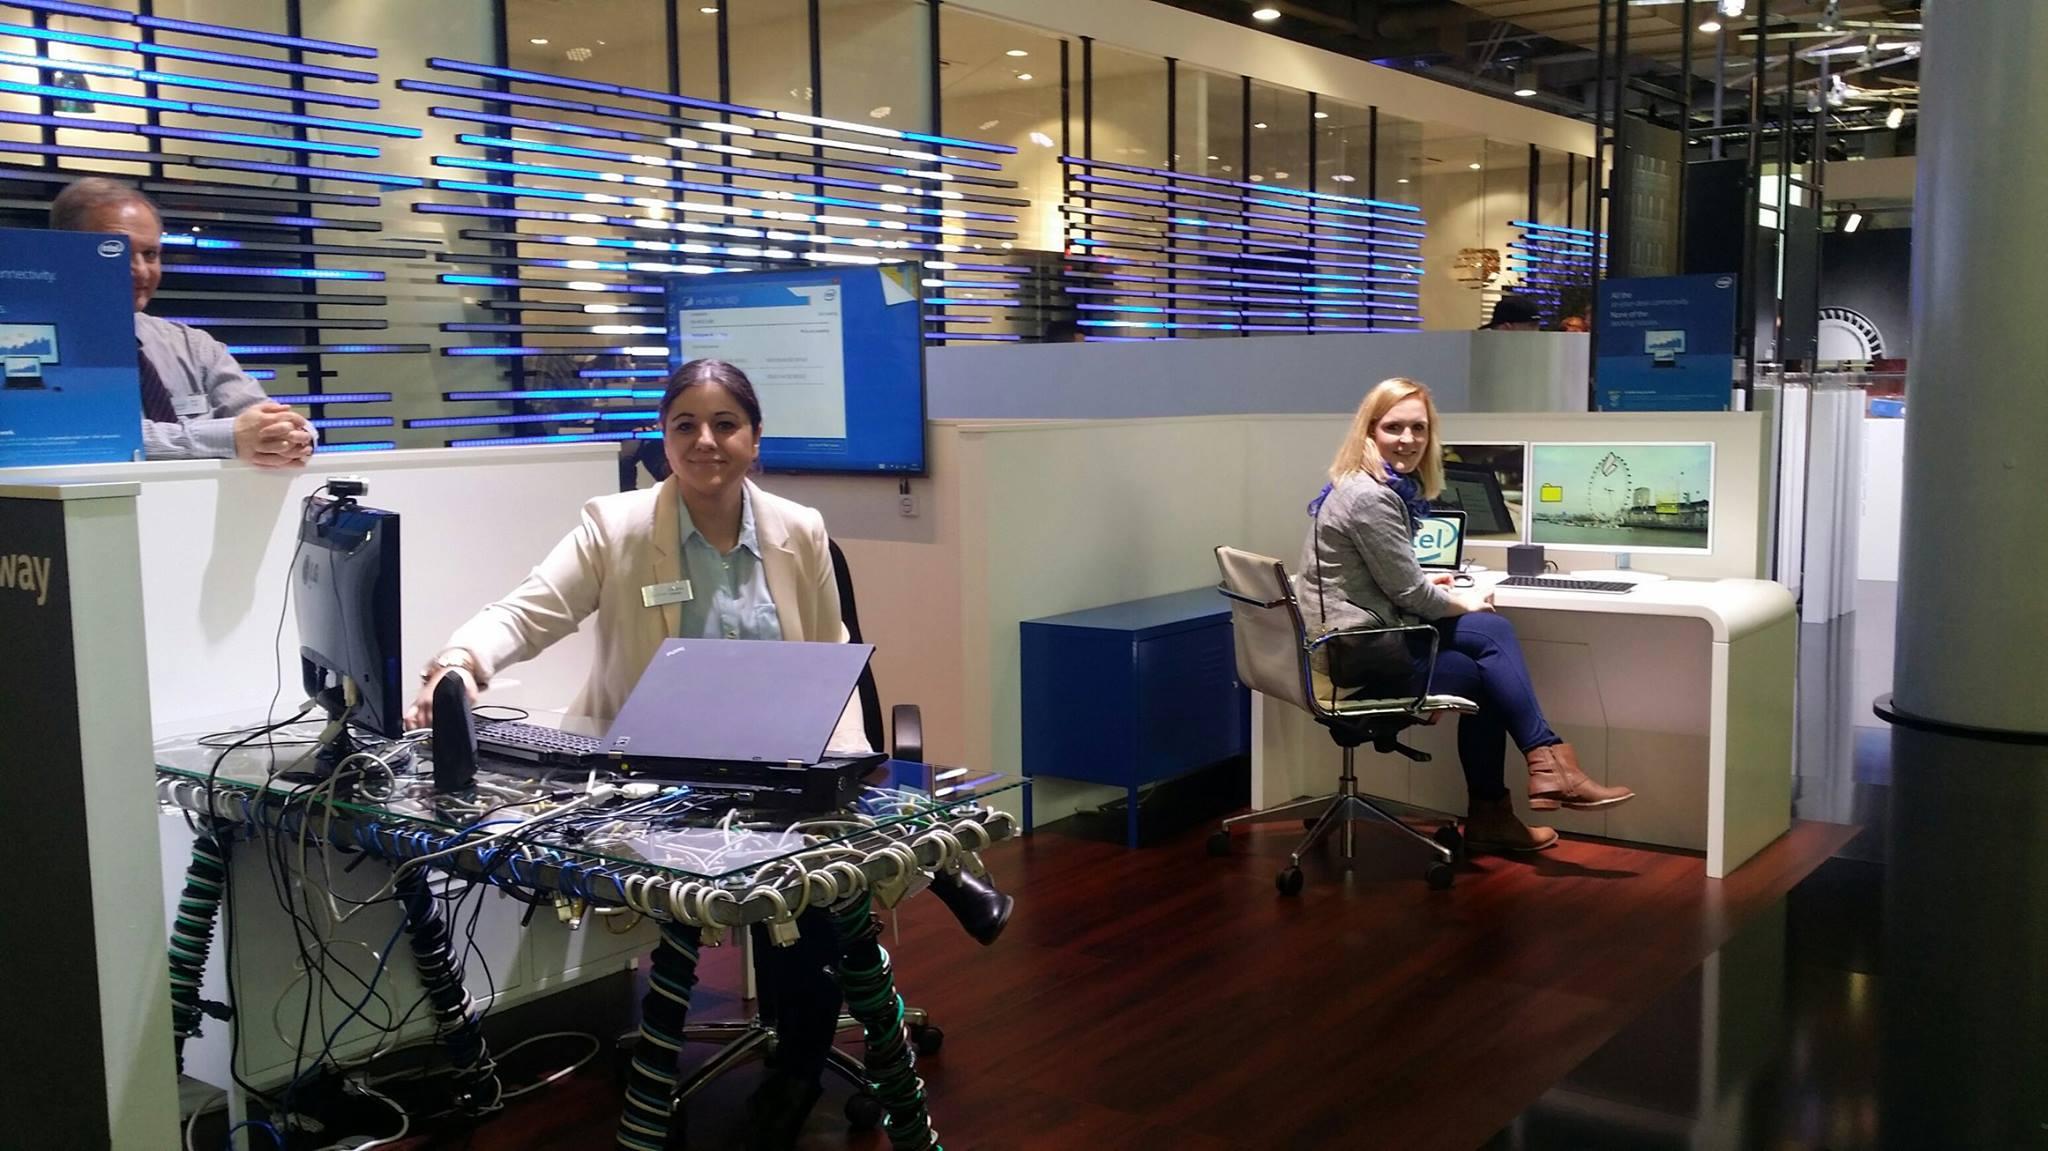 Während Chrissy (links) mit dem Kabelsalat kämpft, macht sich Kristina (rechts) ein Bild vom Arbeitsplatz der Zukunft.